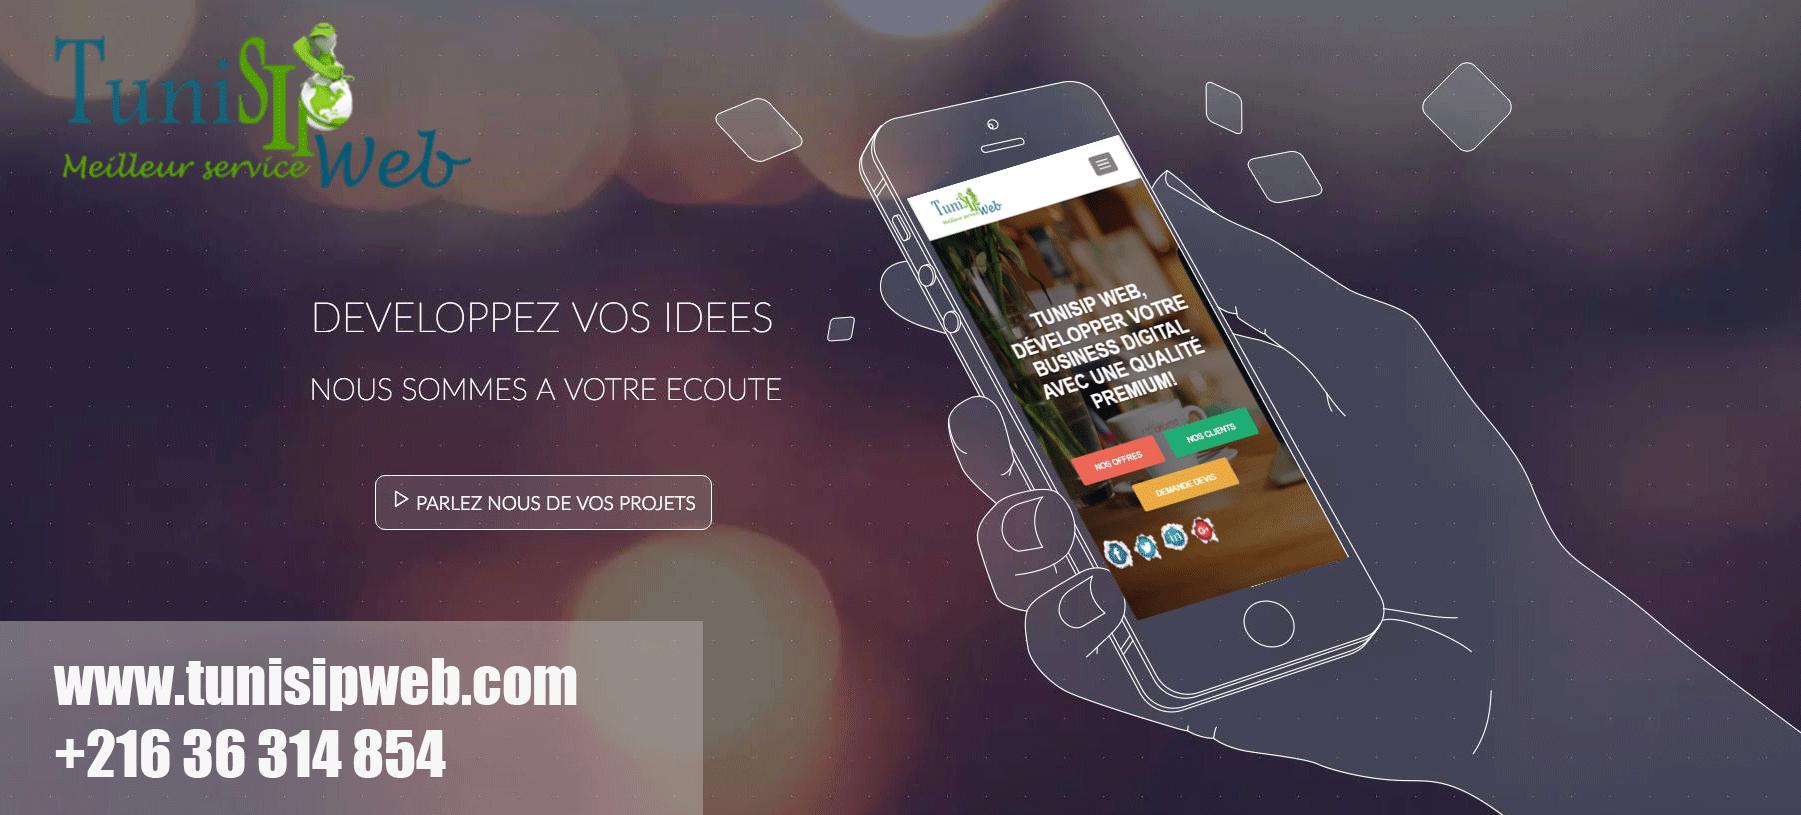 03a9d1a867a22e378adc64d50780398d - Agence Développement Application Mobile Android